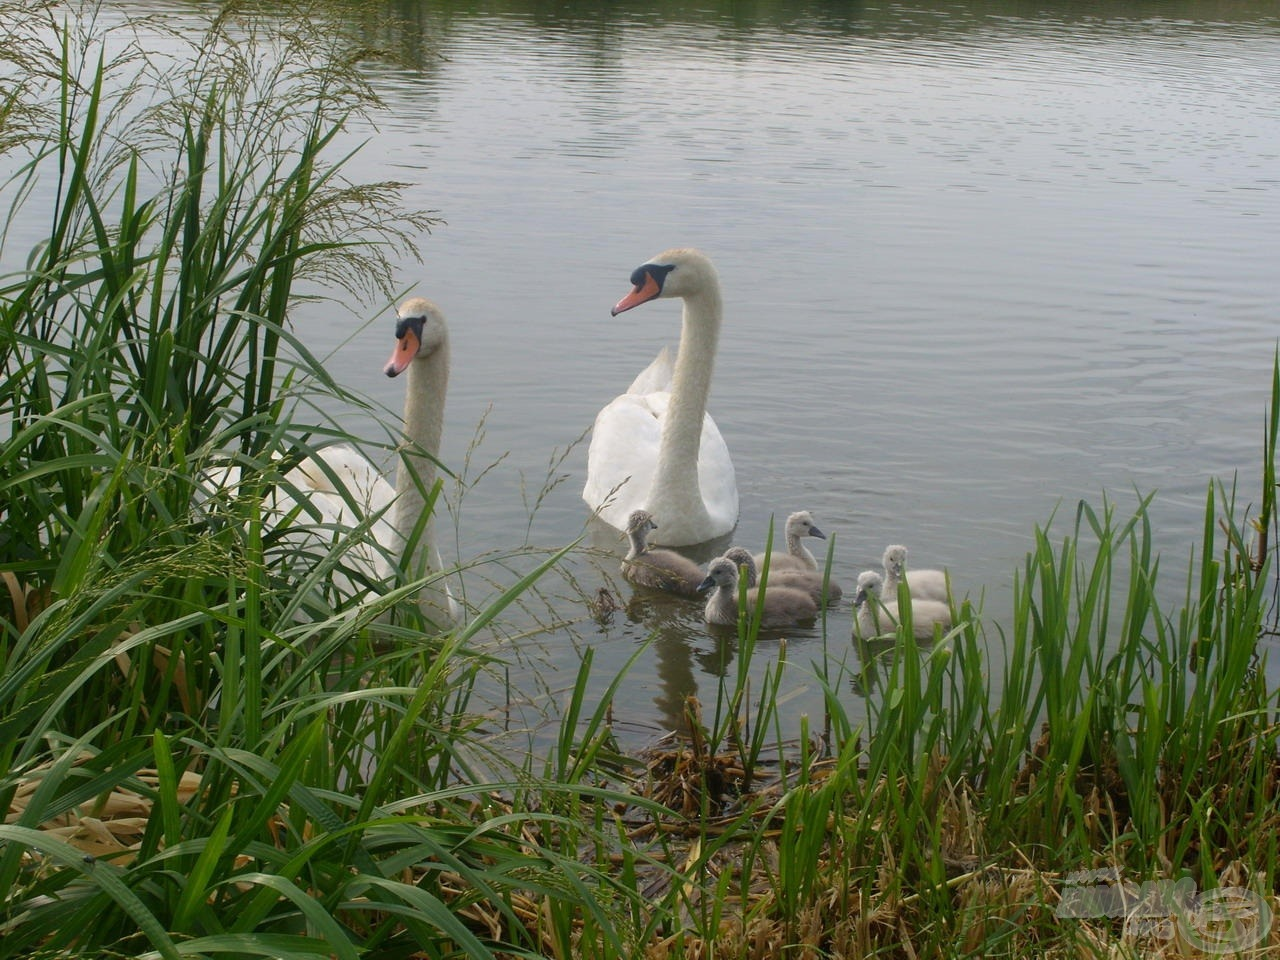 Generációk otthonául szolgál a tó és környezete